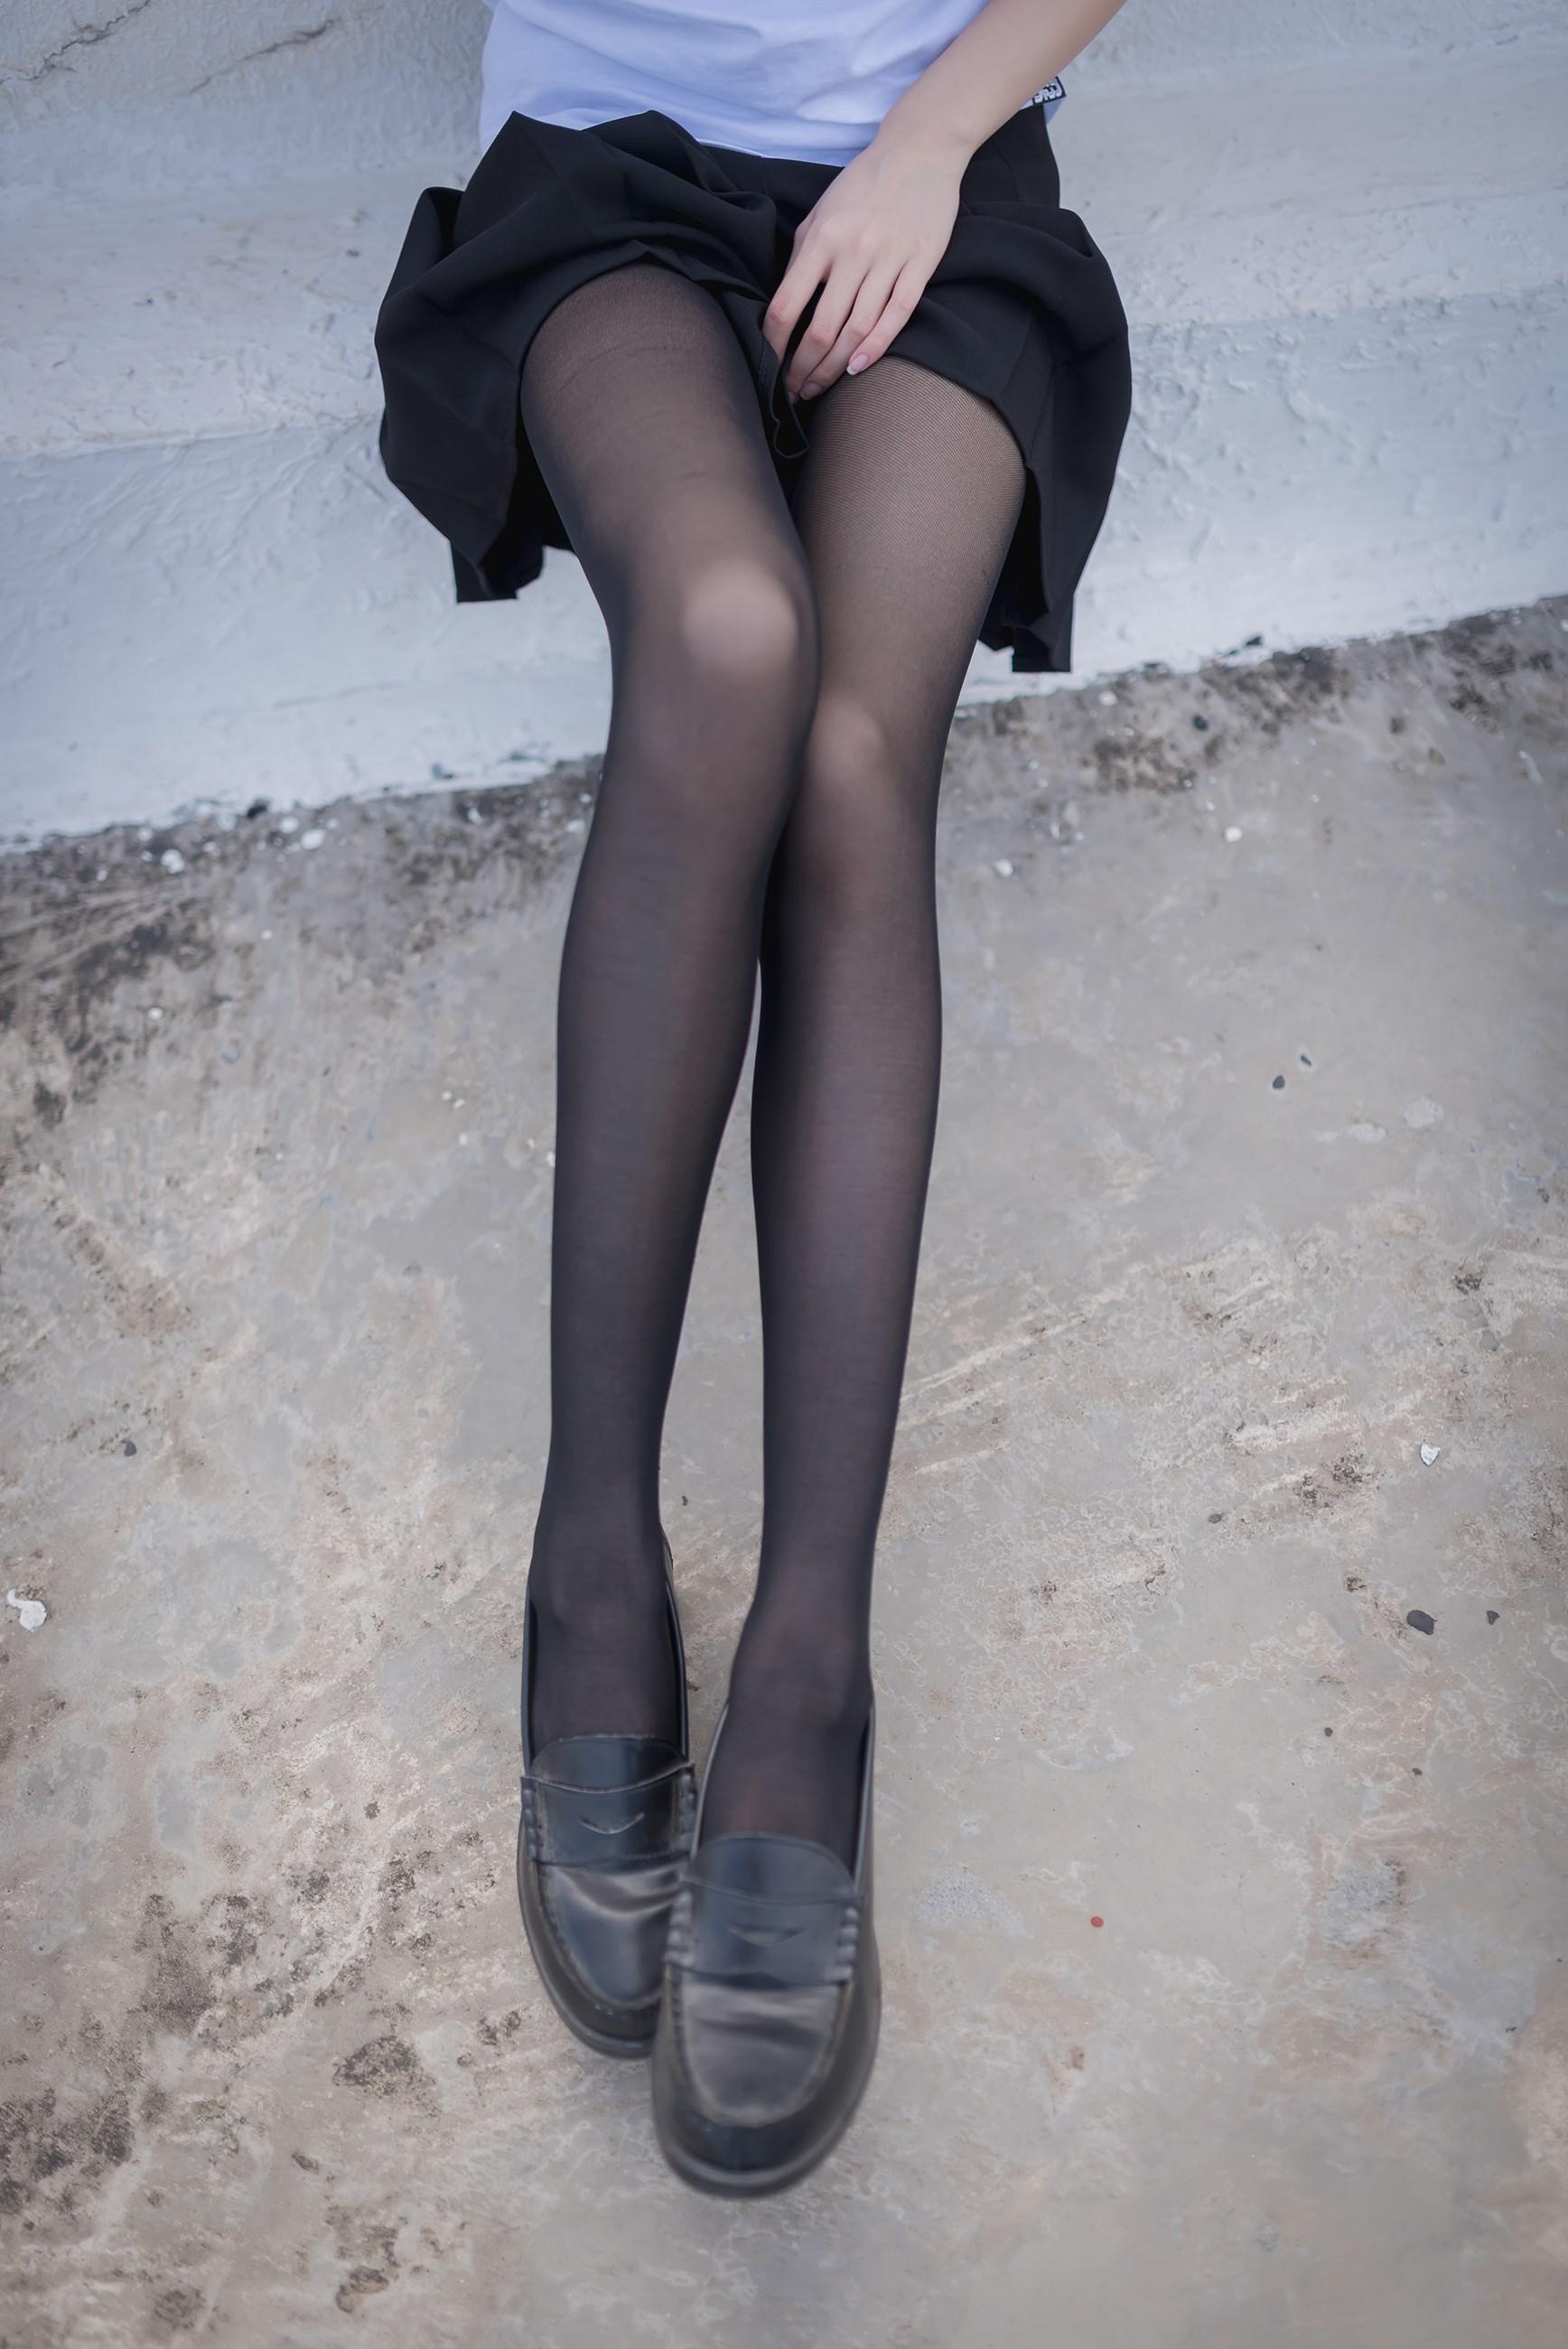 【兔玩映画】天台的黑丝少女 兔玩映画 第18张